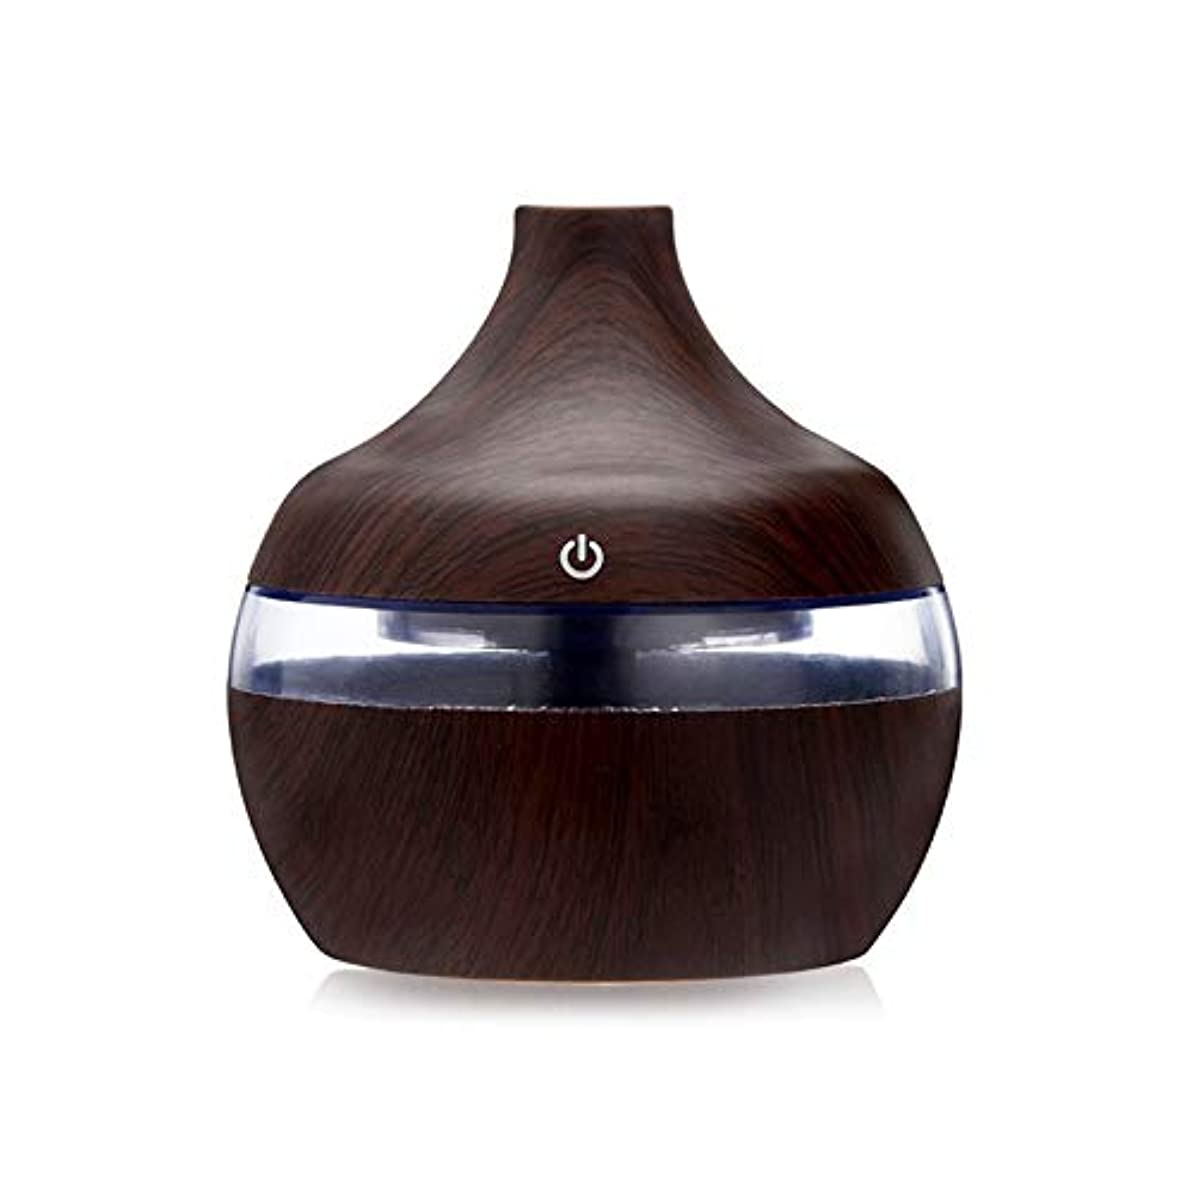 複製草ボタン木目エッセンシャルオイルアロマディフューザーUSB充電ホーム空気加湿器浄化なだめるようなLEDナイトライトミストメーカー